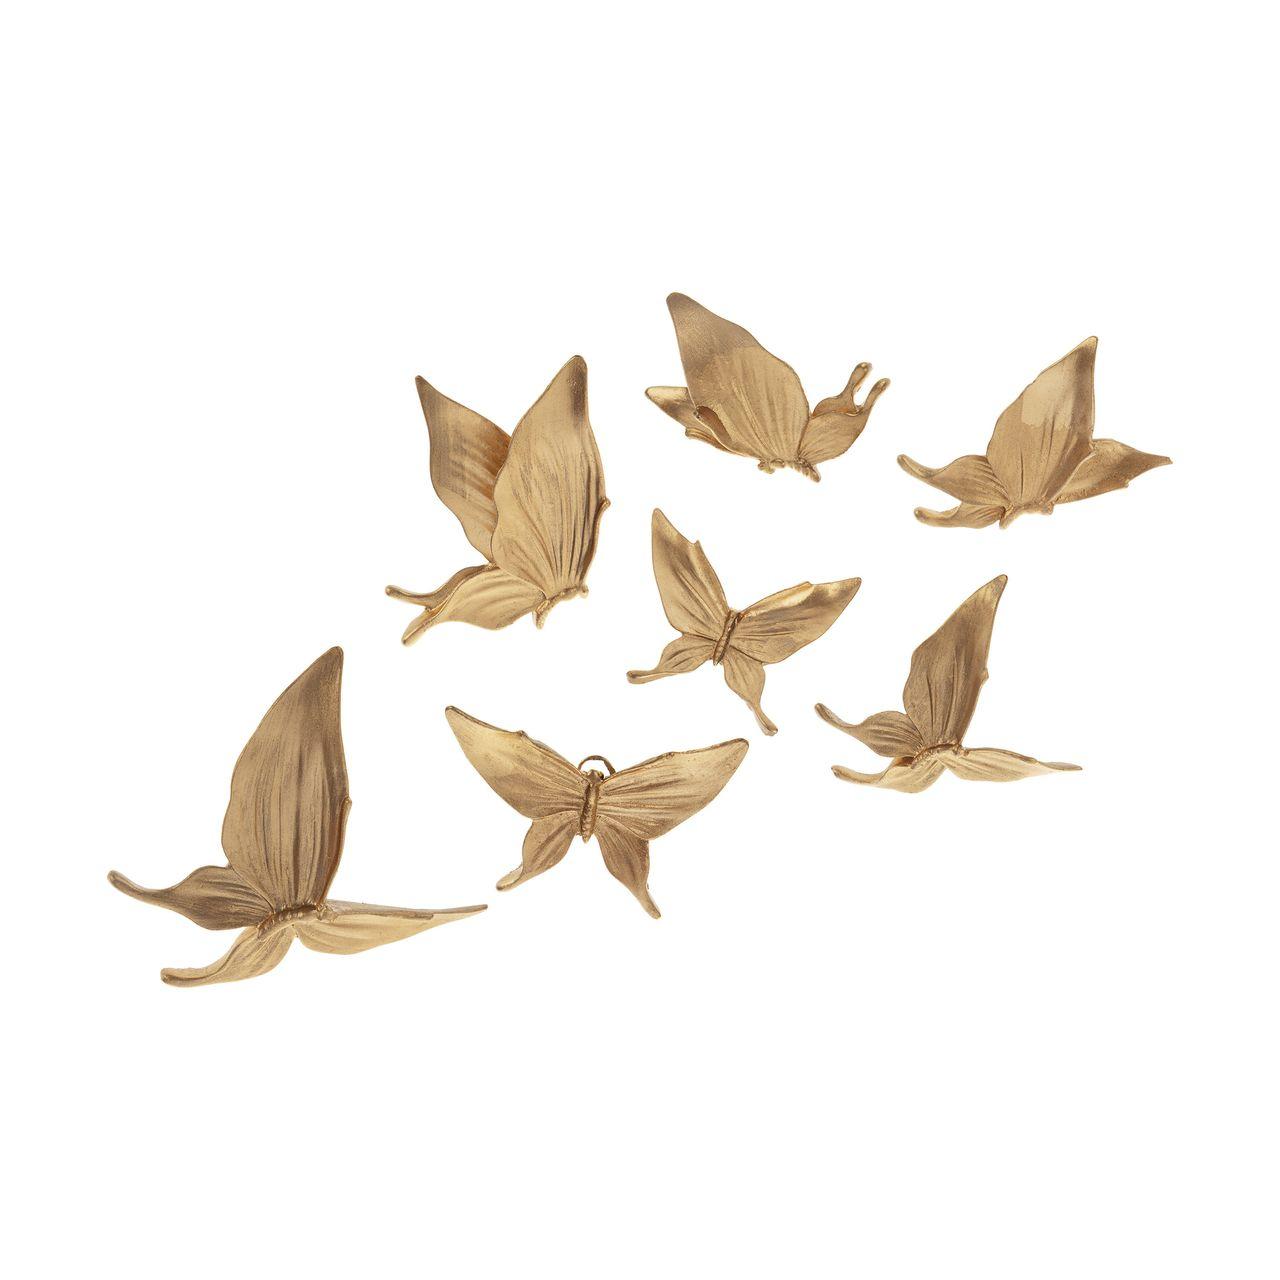 دیوارکوب لوتوس طرح پروانه کد P01 مجموعه 7 عددی